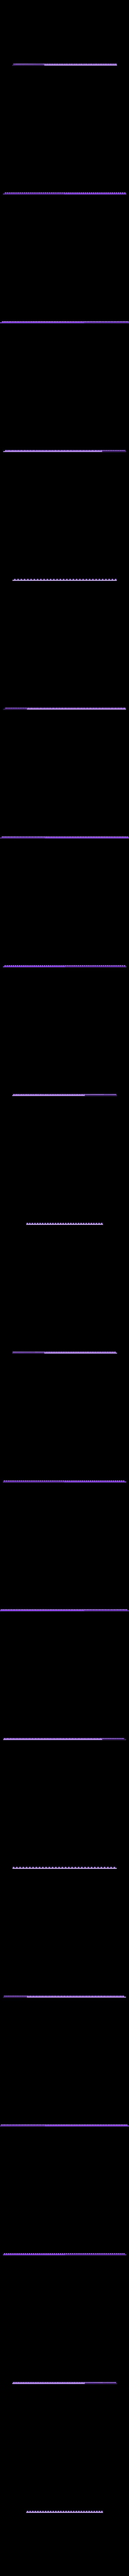 sodastream_tapis.stl Télécharger fichier STL gratuit Support sodastream • Modèle pour impression 3D, nash68